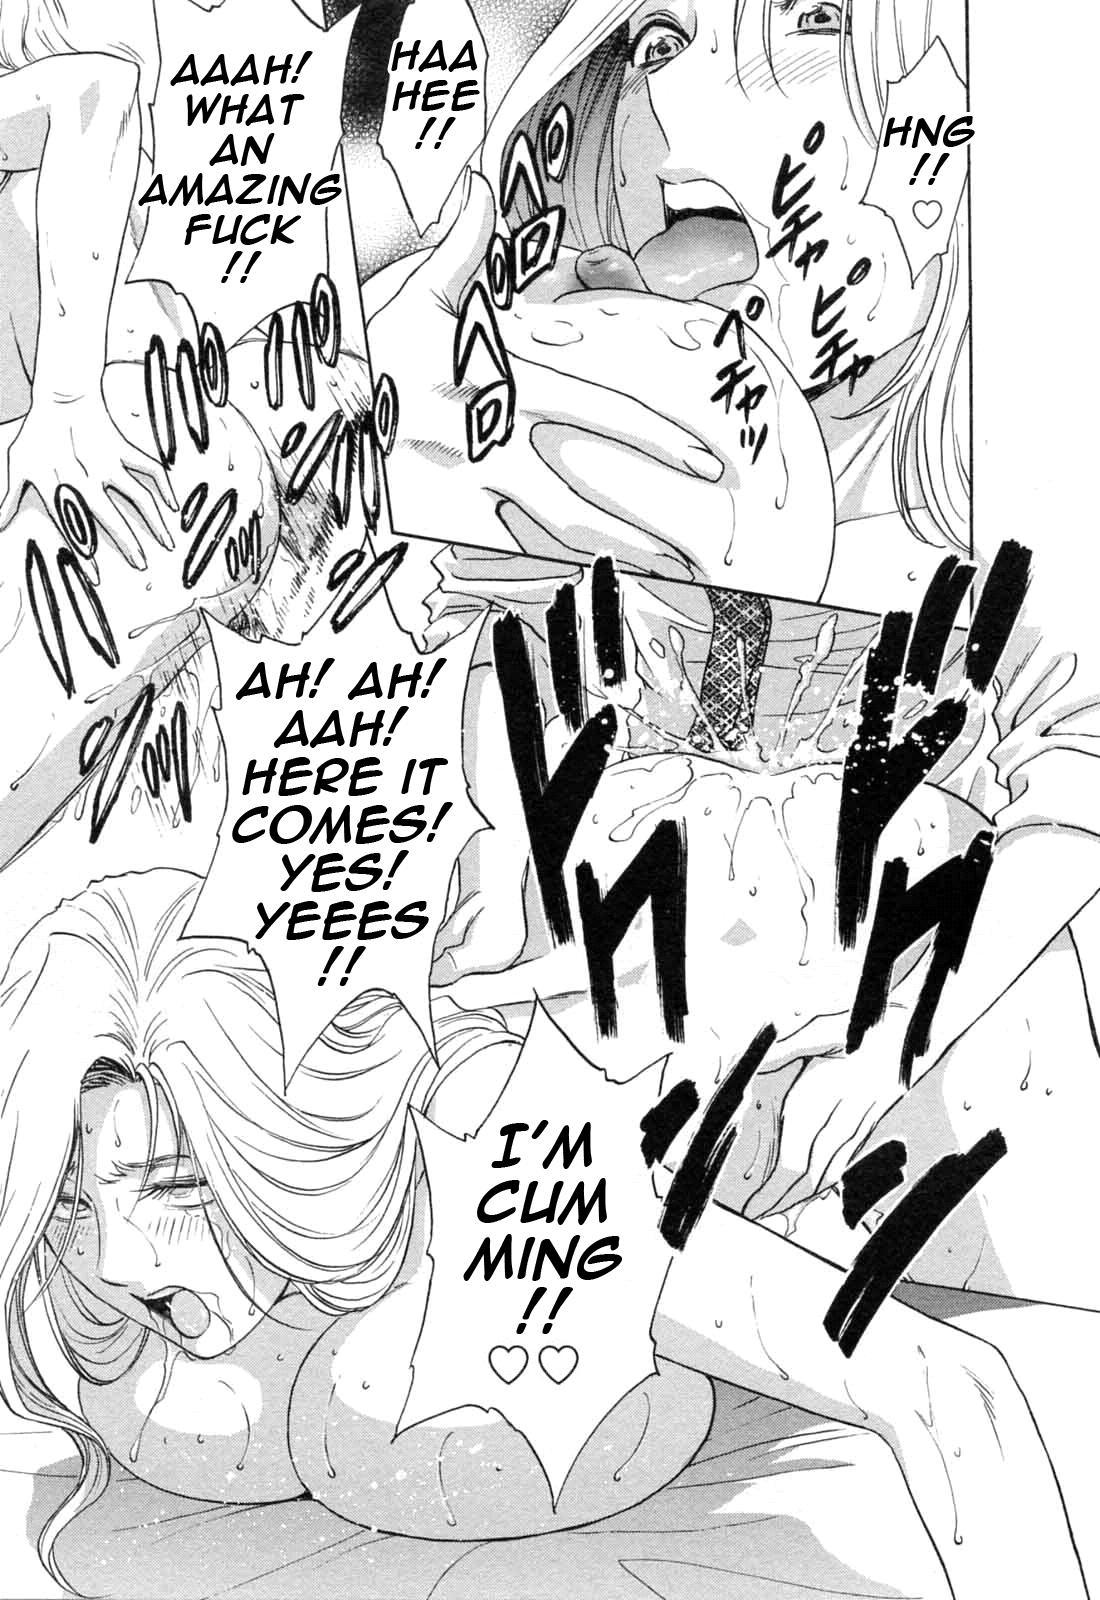 [Hidemaru] Mo-Retsu! Boin Sensei (Boing Boing Teacher) Vol.5 [English] [4dawgz] [Tadanohito] 82